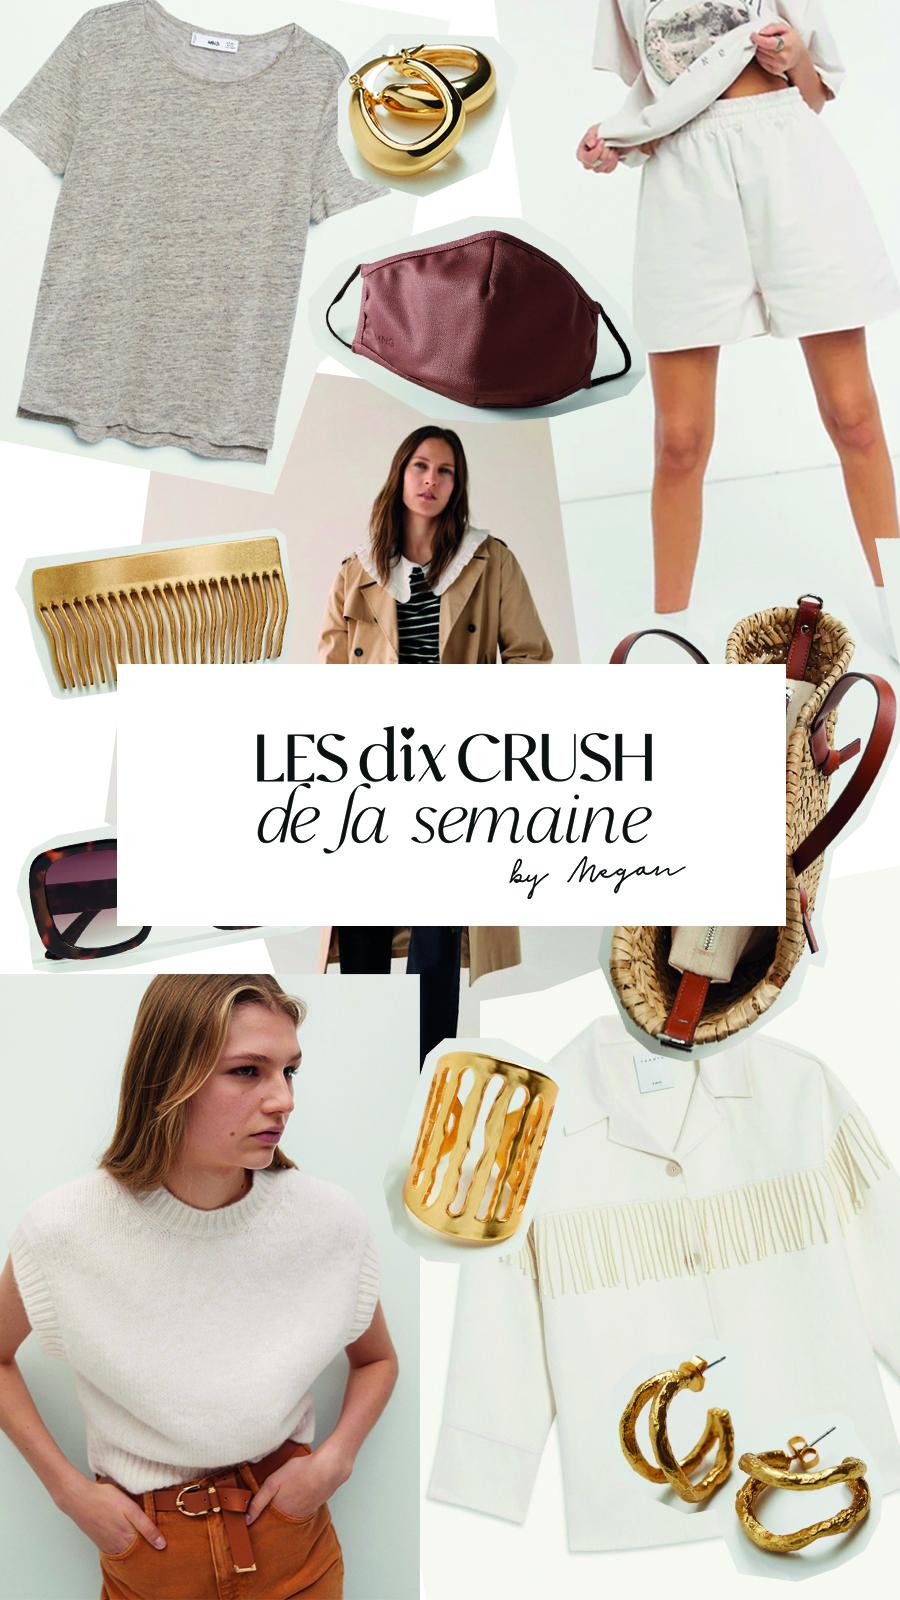 LES 10 CRUSH DE LA SEMAINE #3